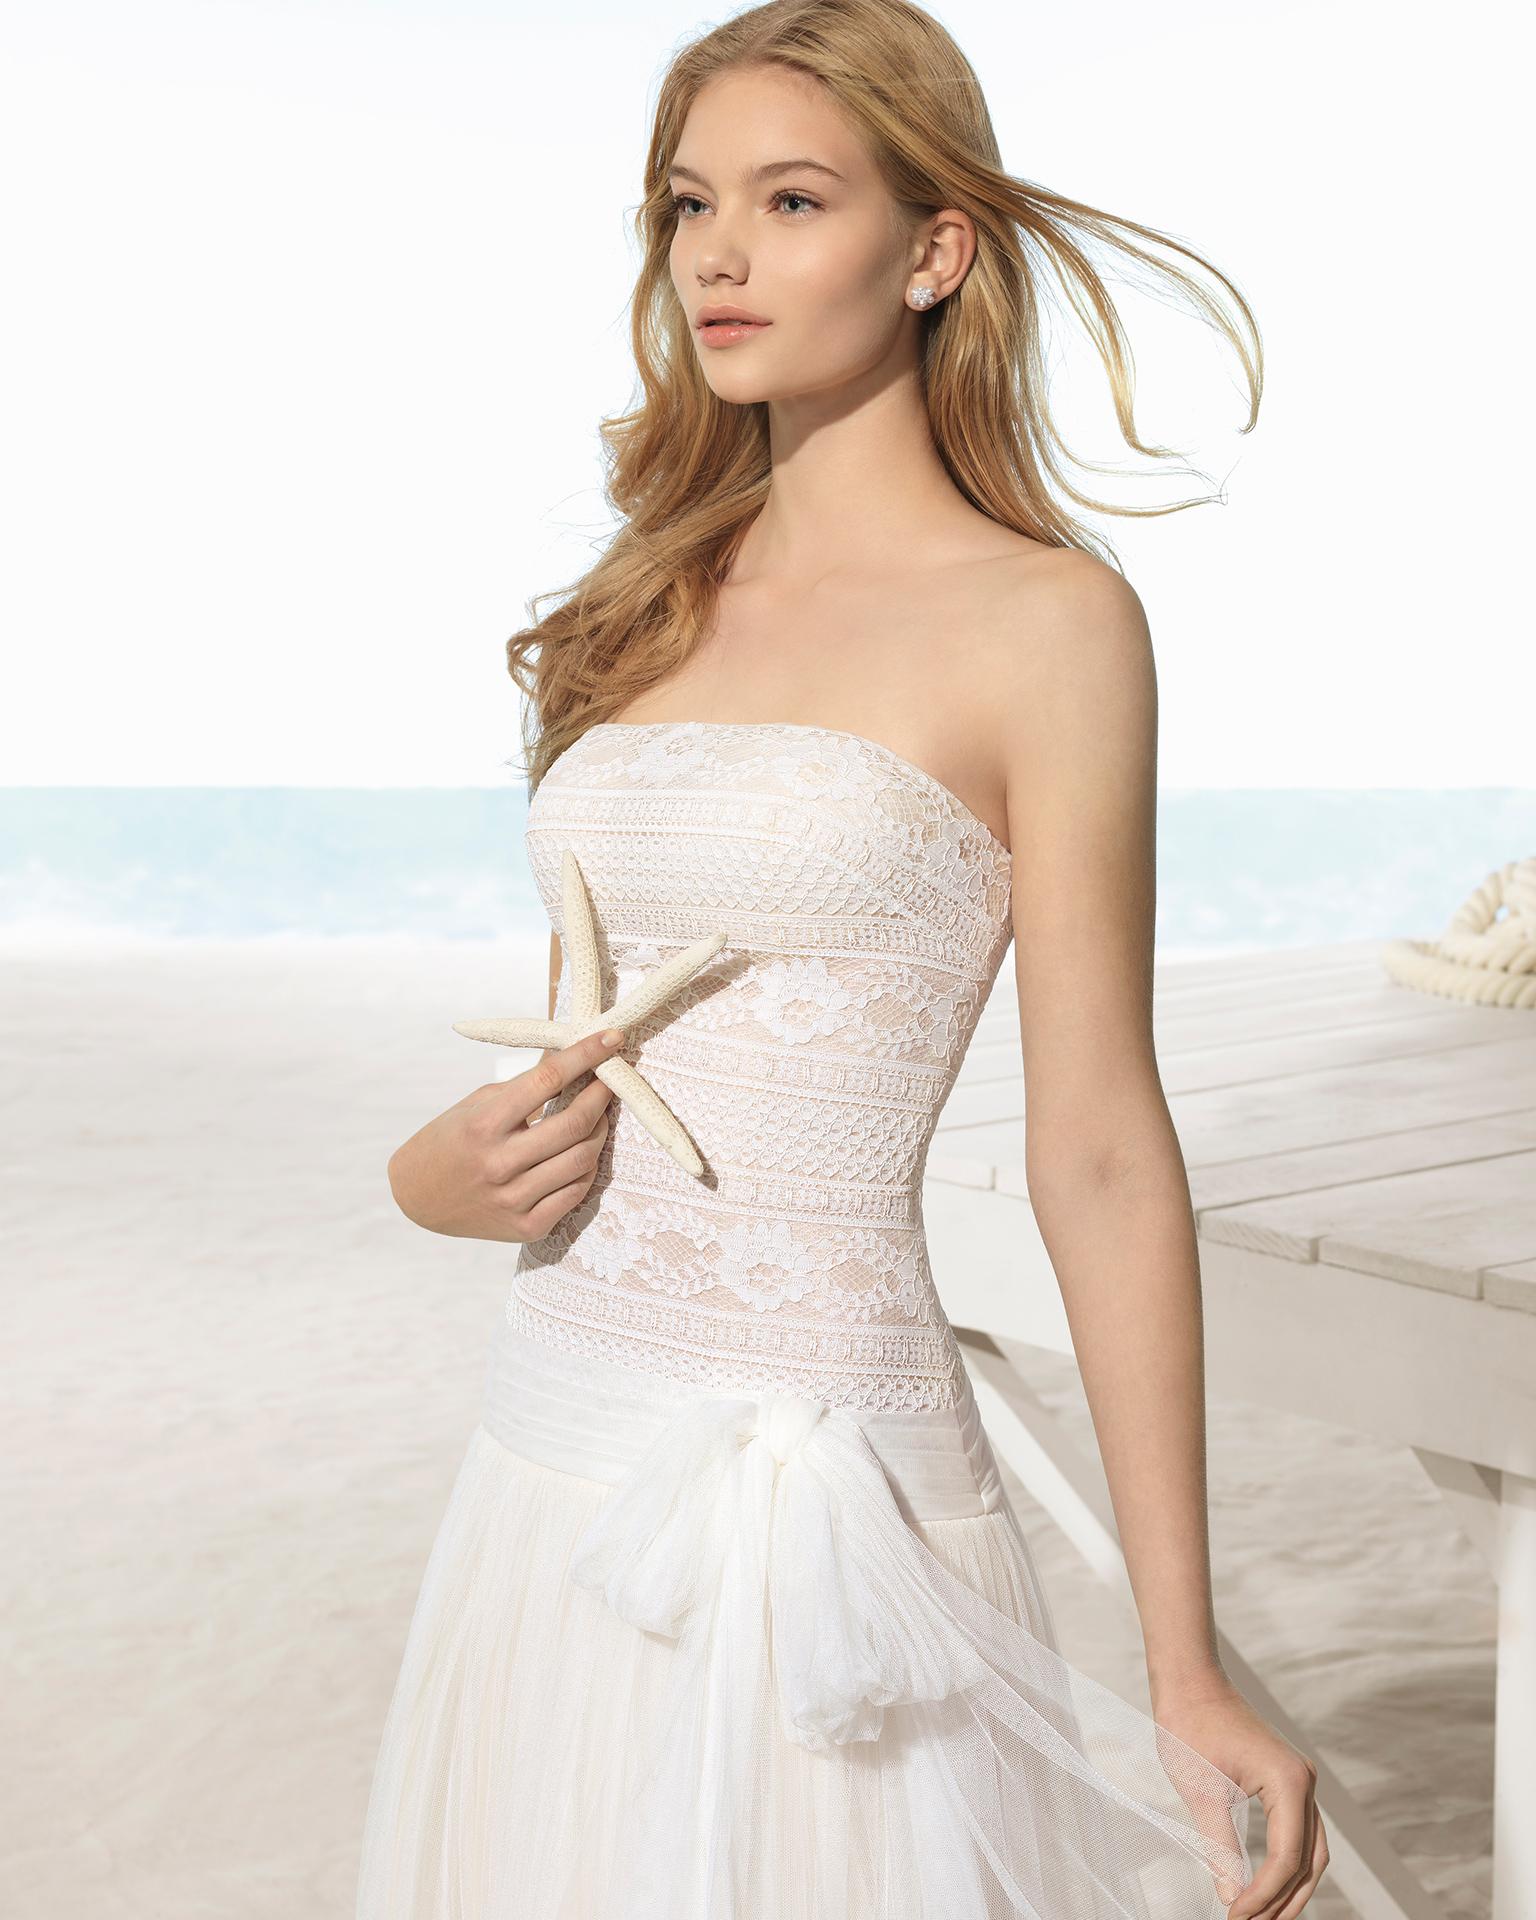 Robe de mariée style trapèze en tulle et dentelle, avec bustier, de couleur ivoire.